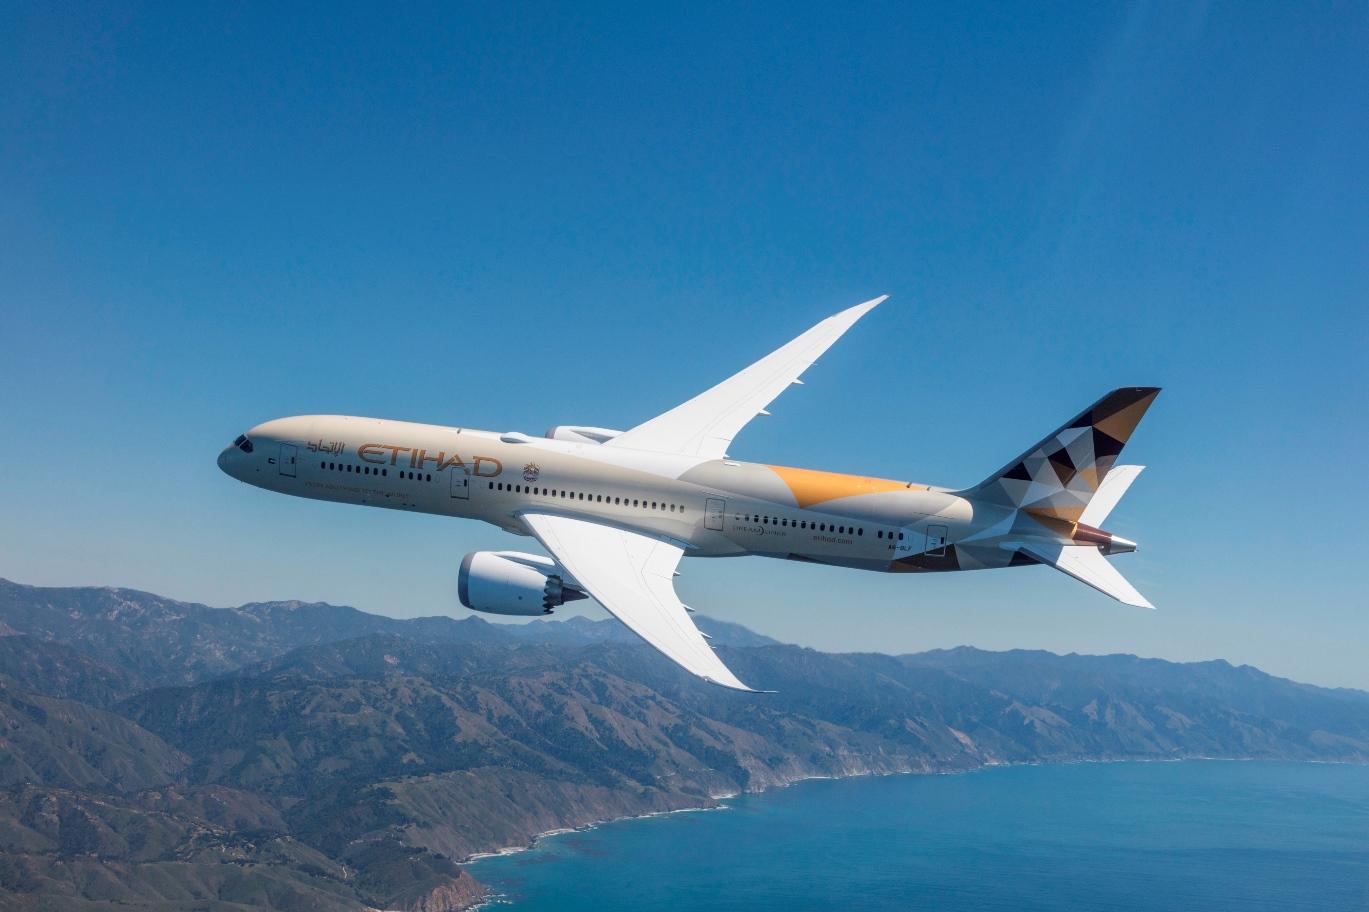 阿提哈德航空新一代波音787客机开始执飞阿布扎比-贝鲁特航线